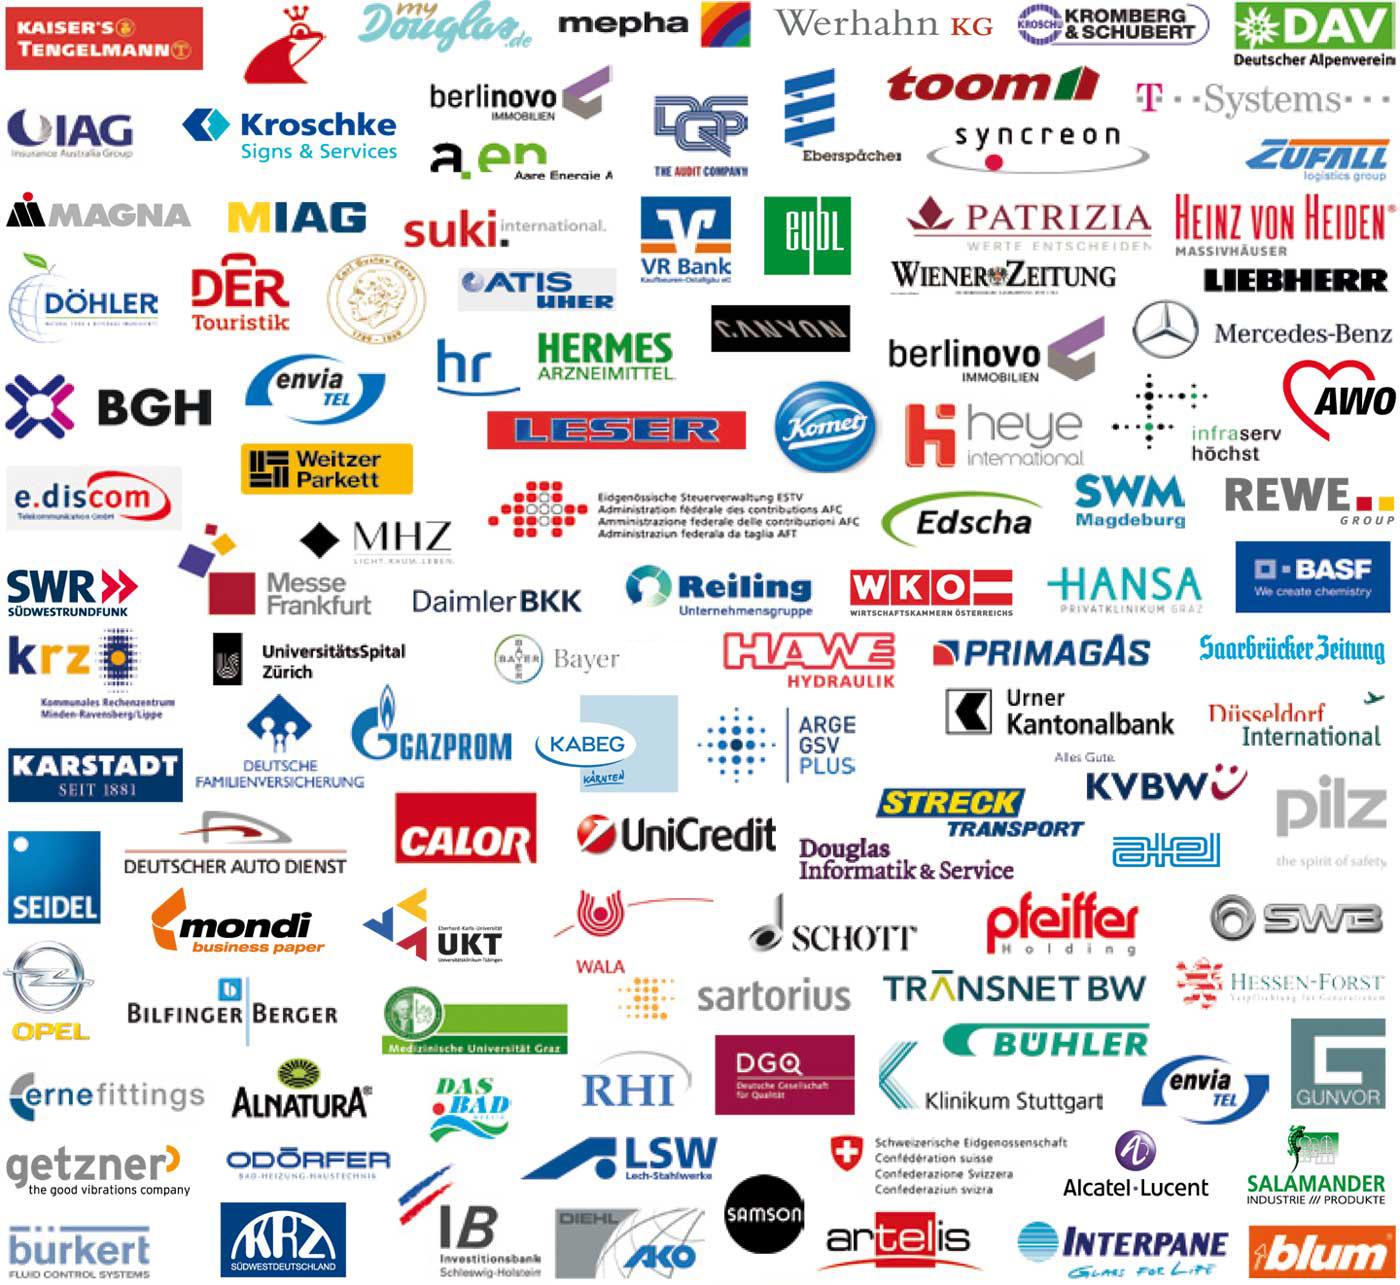 intellior-kunden-logos